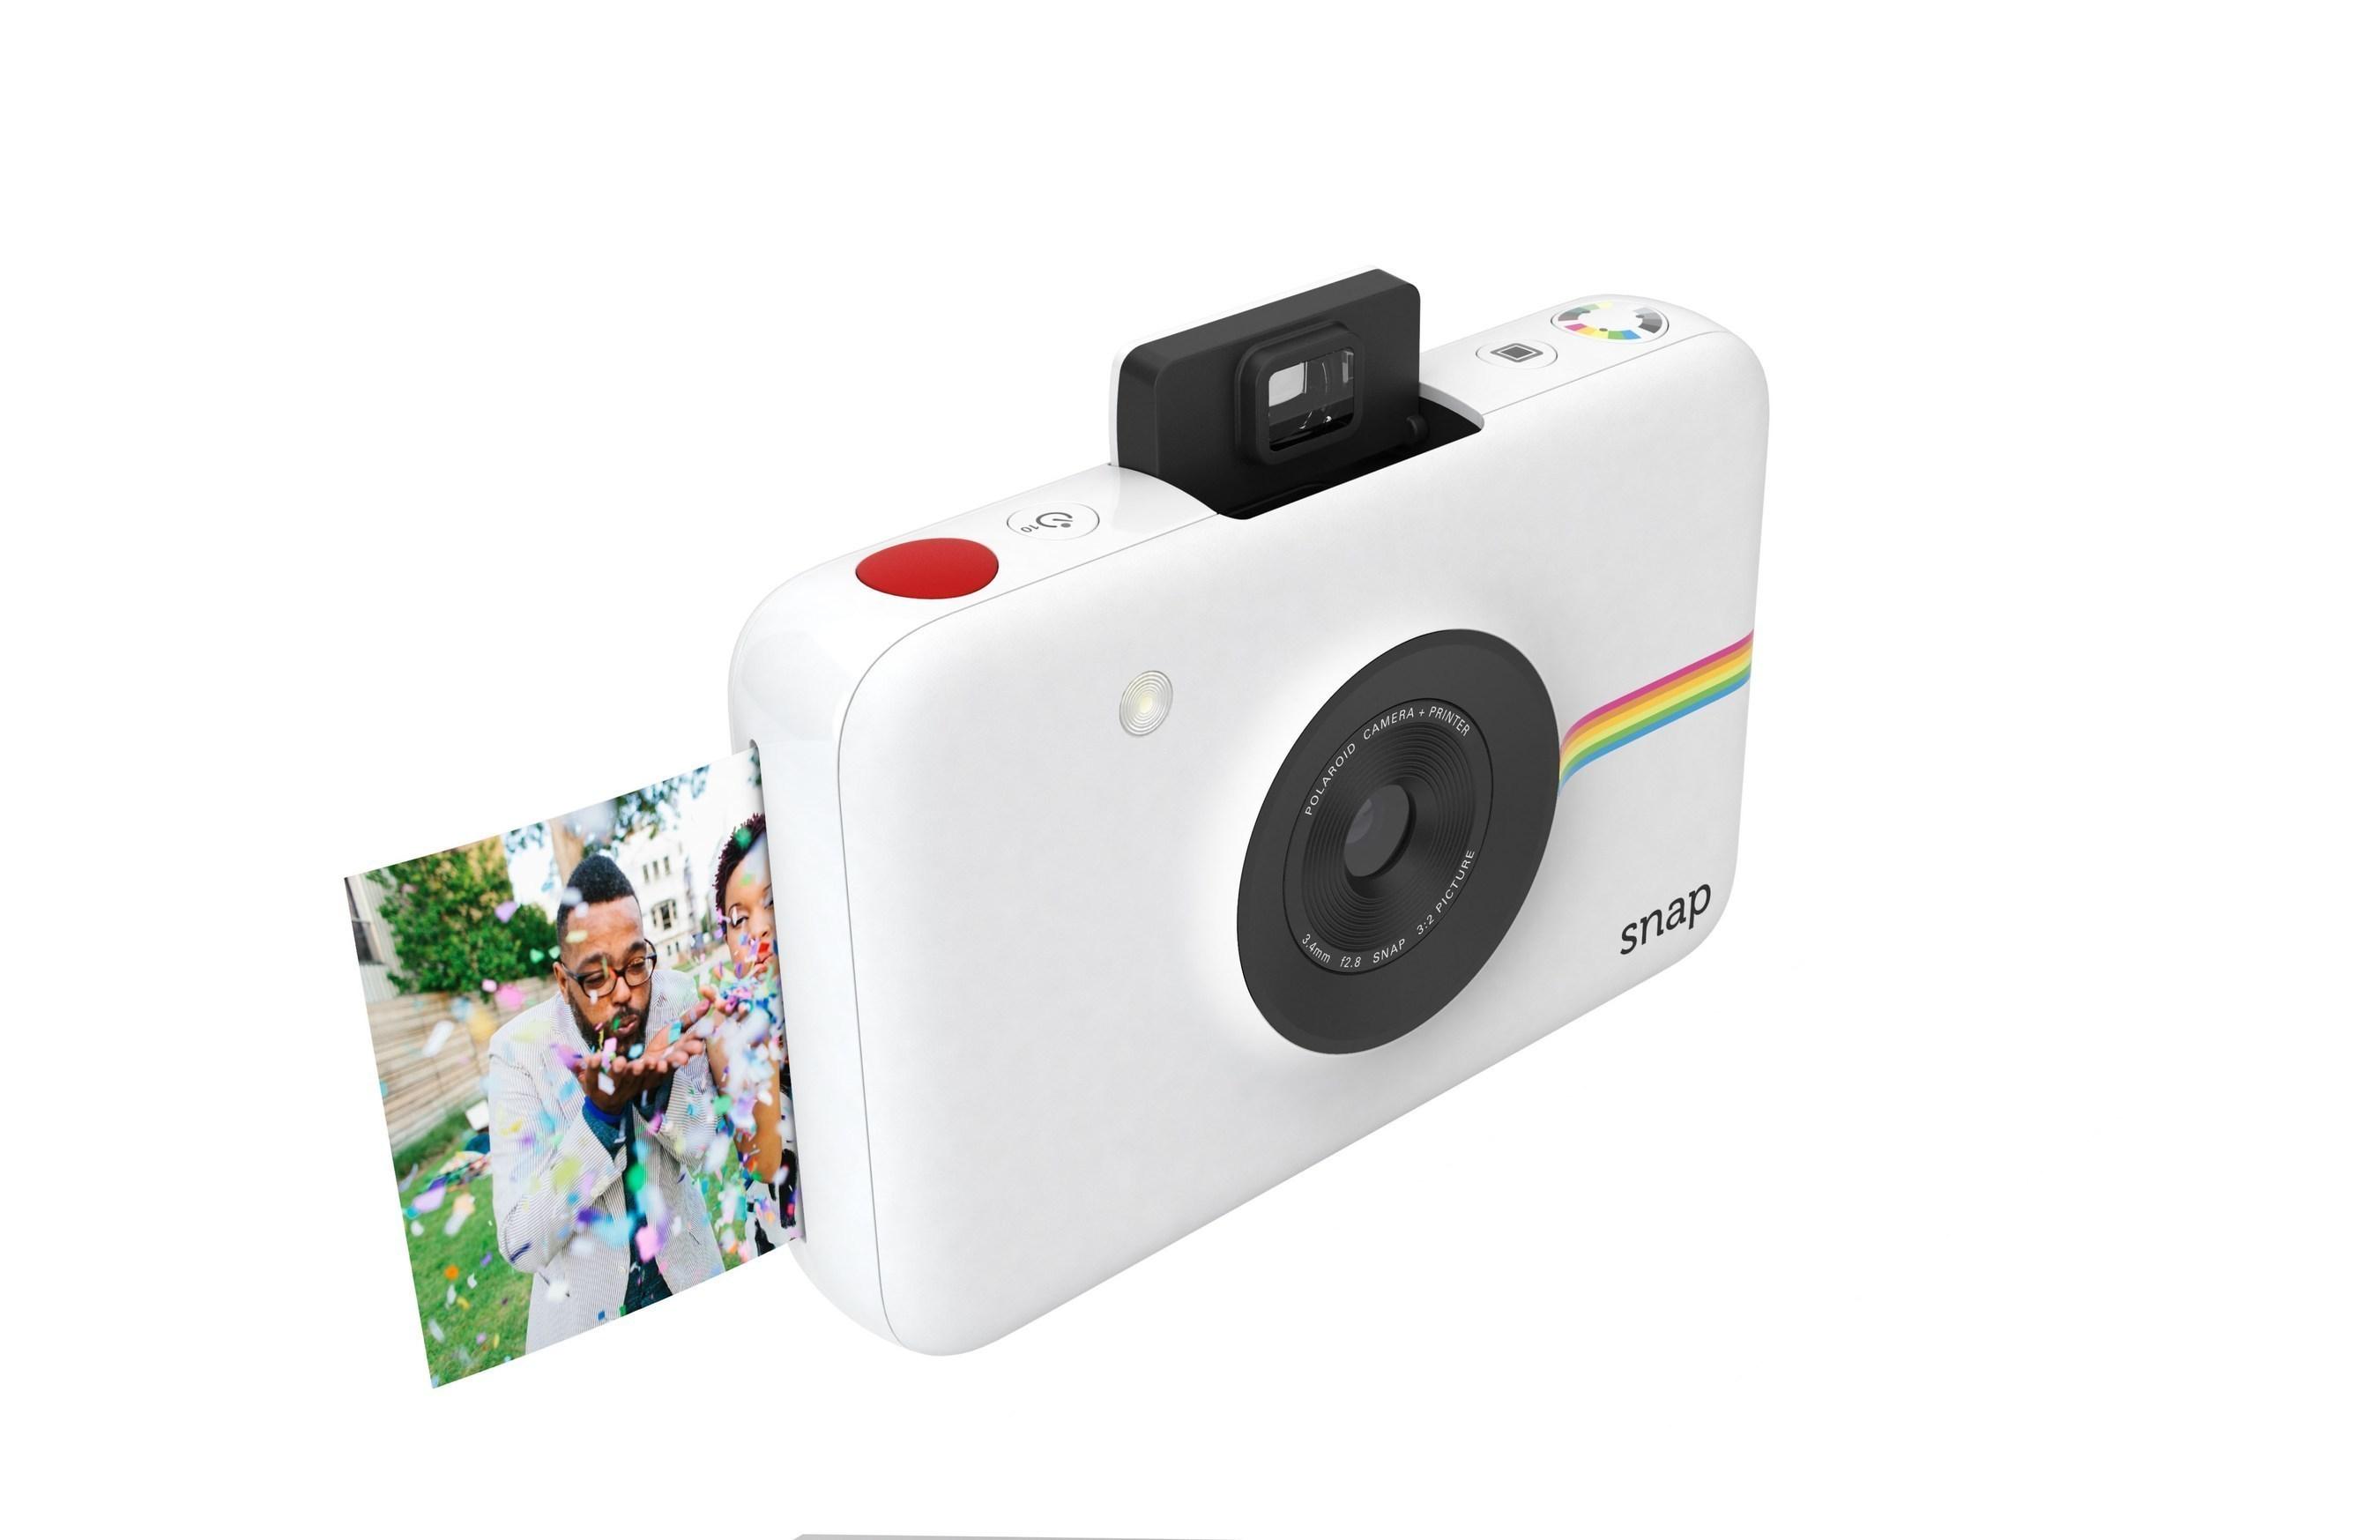 1c4b6d654d545 Recrie a magia da fotografia instantânea clássica com a câmera digital instantânea  Polaroid Snap e compartilhe a diversão com um snap, uma impressão